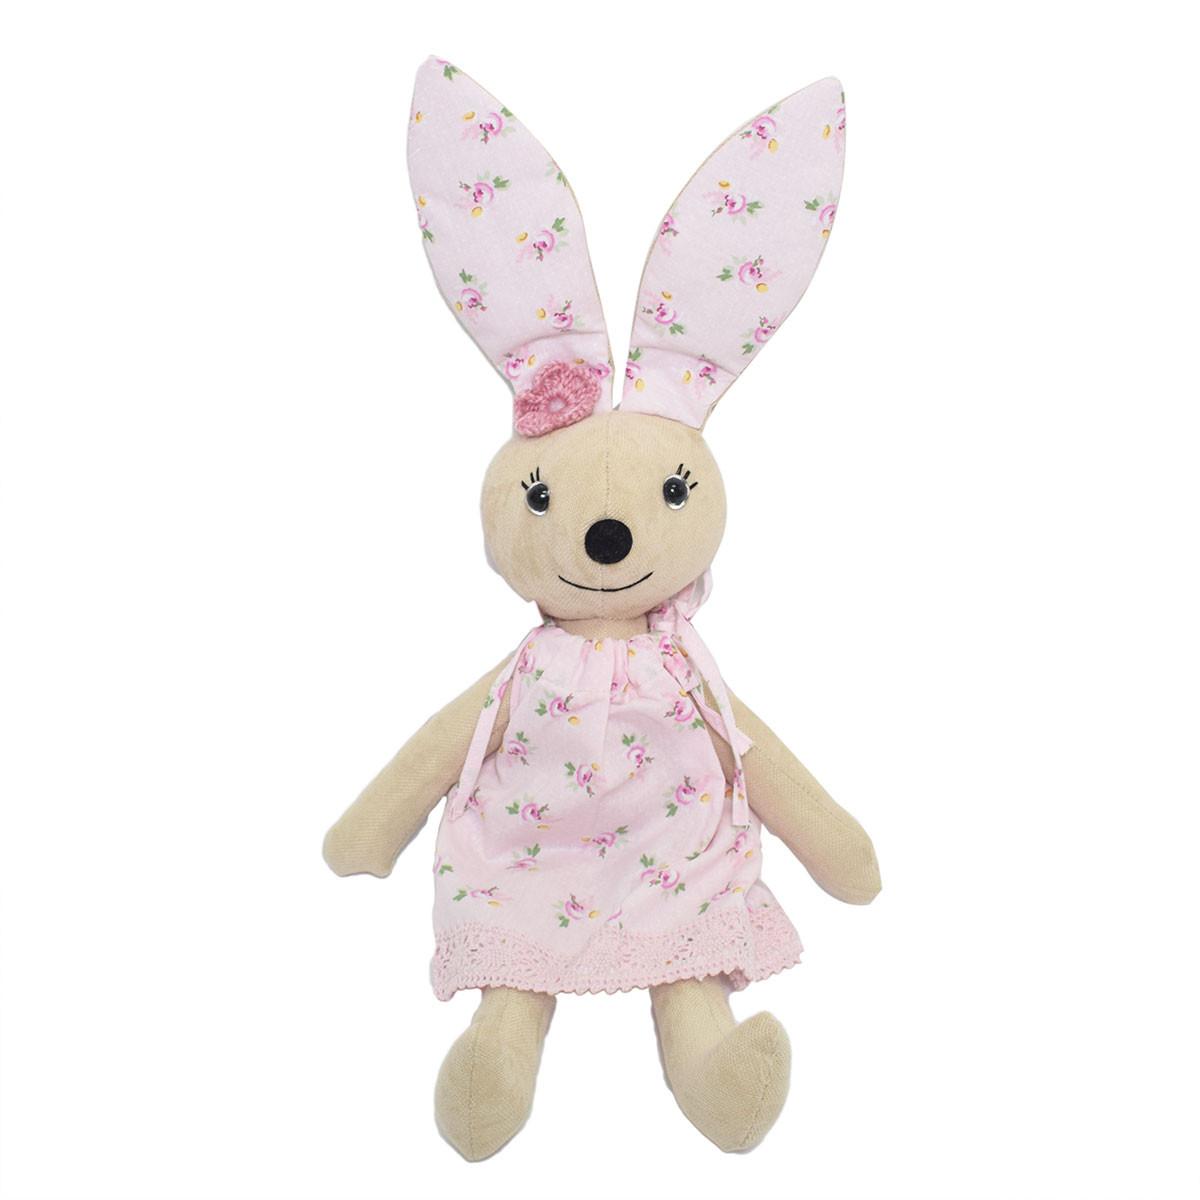 Μαλακό Παιχνίδι Cigit Rabbit Doll Pink Flower